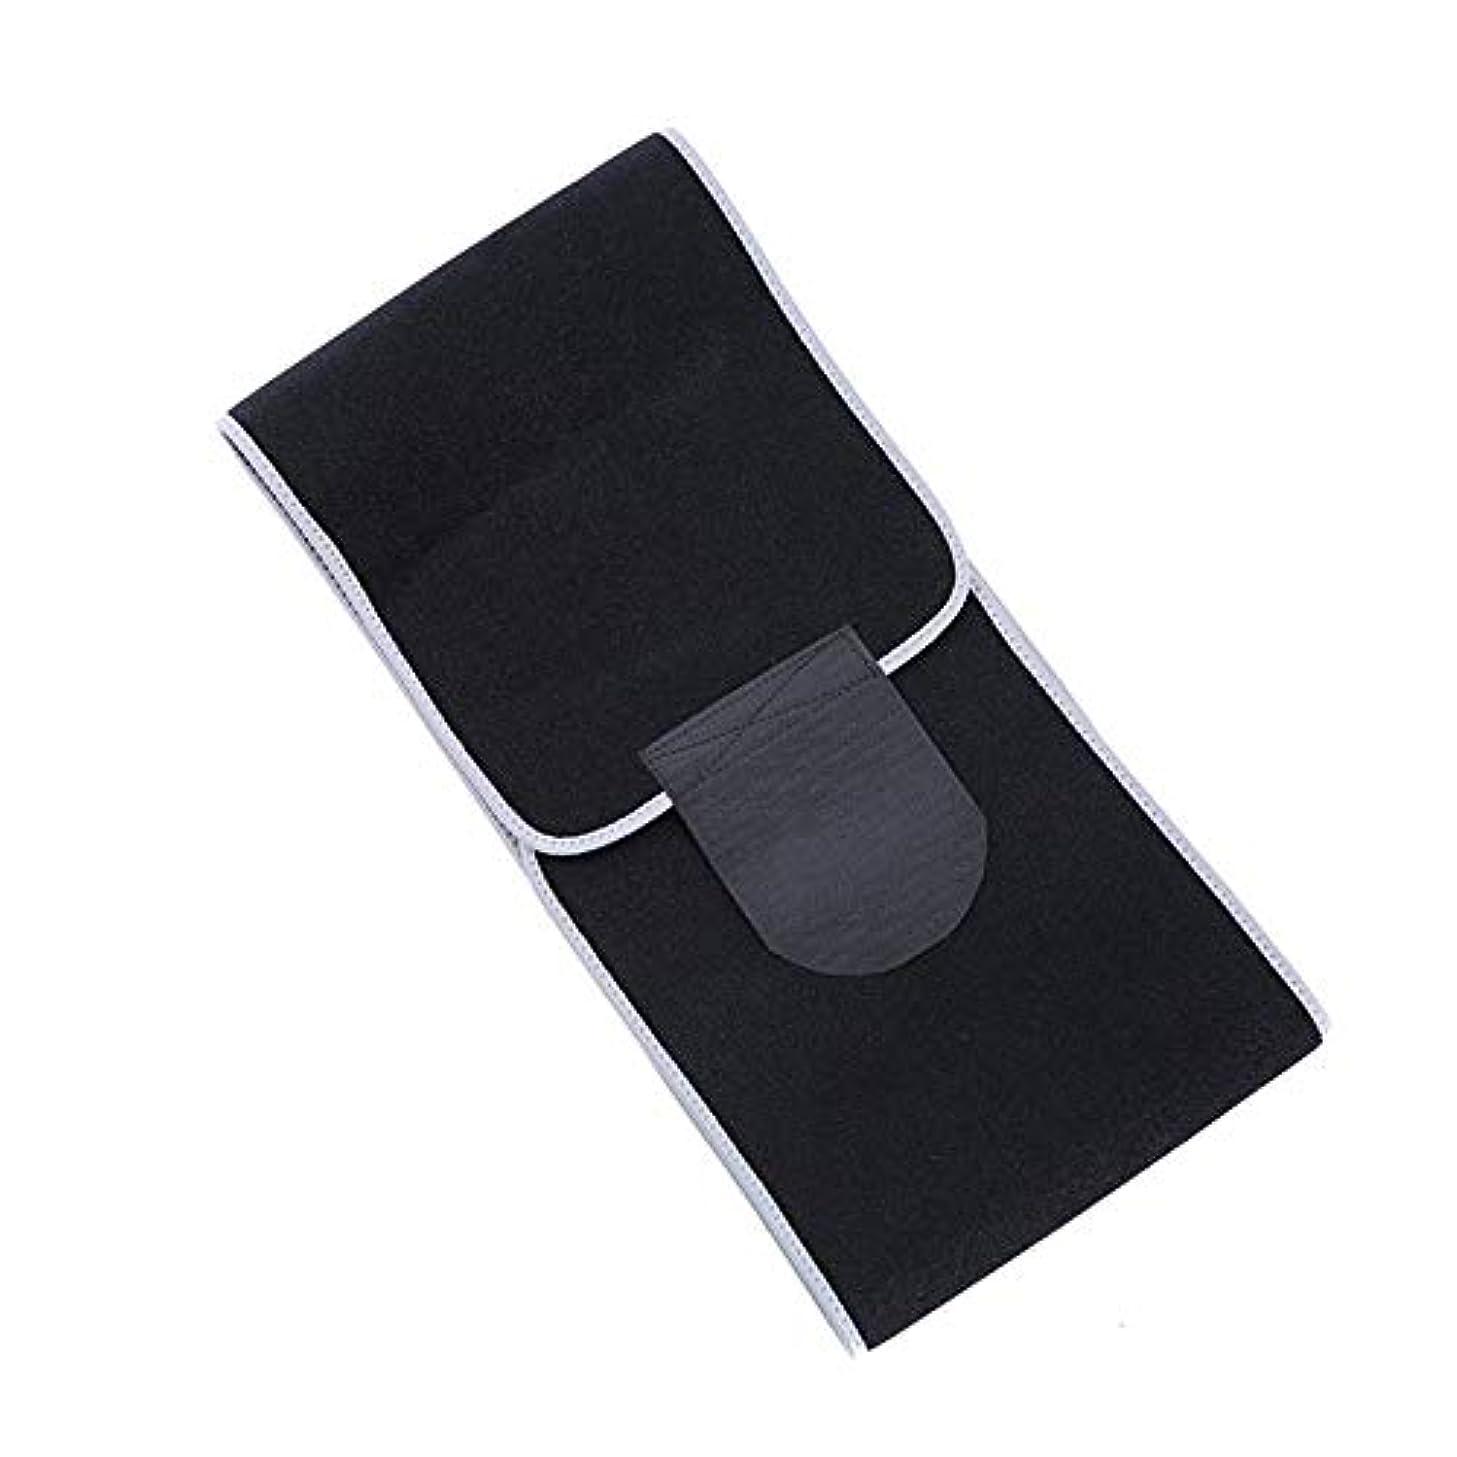 太字シャープ配置発汗ベルトスポーツベルトウエストトレーナーフィットネス腹部トレーニングスウェット